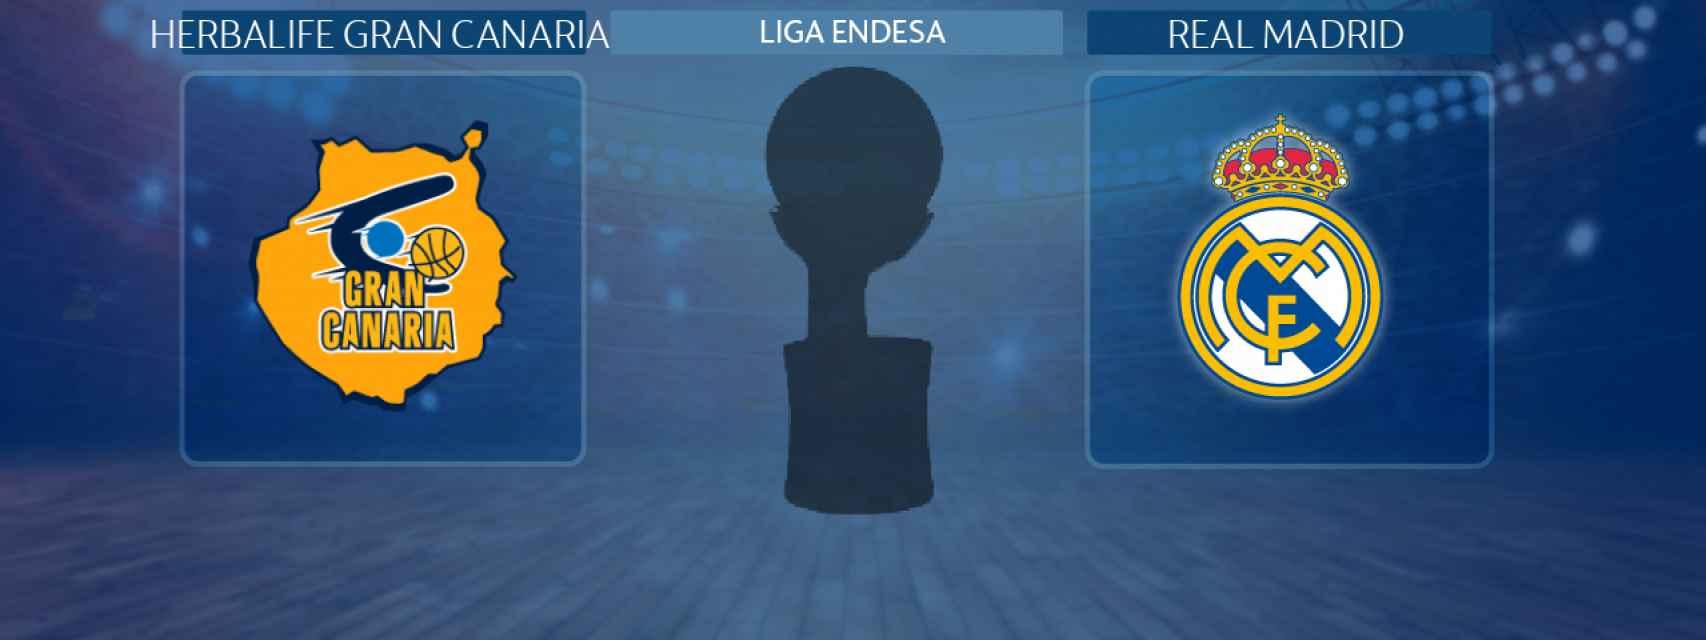 Herbalife Gran Canaria - Real Madrid, partido de la Liga Endesa